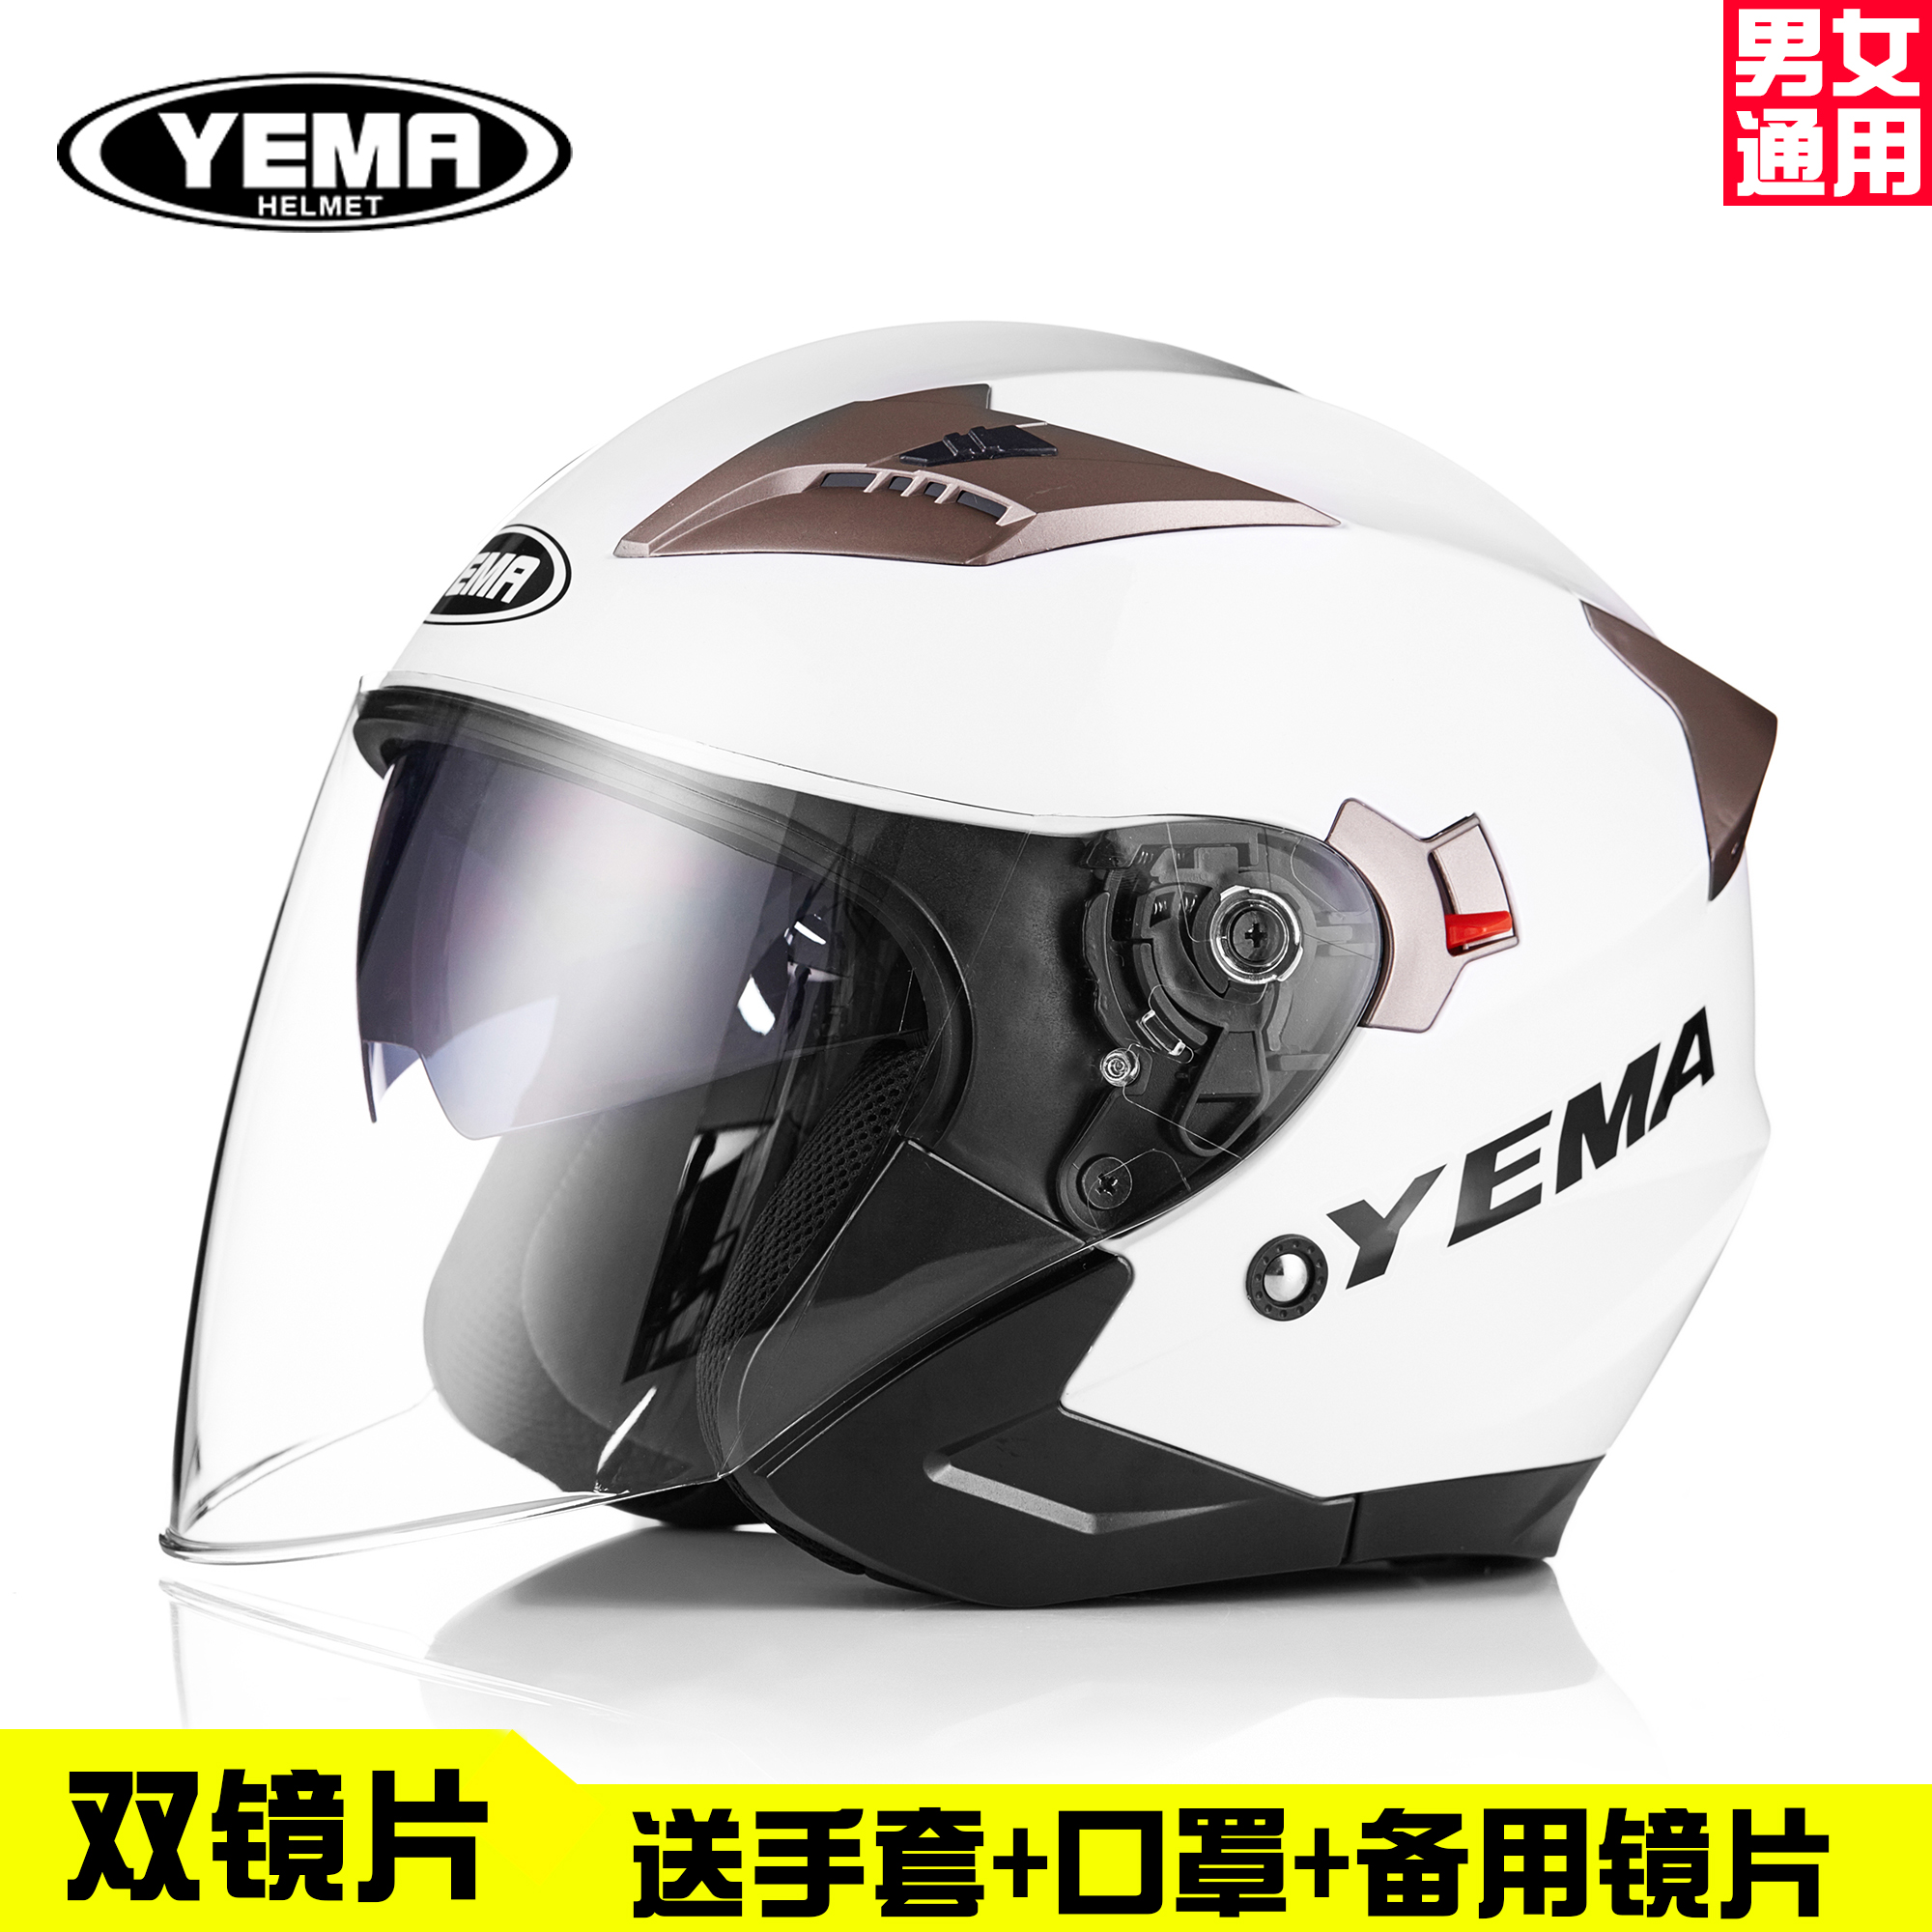 野马627摩托车头盔 男女秋冬季保暖防雾安全帽电动车双镜四季半盔